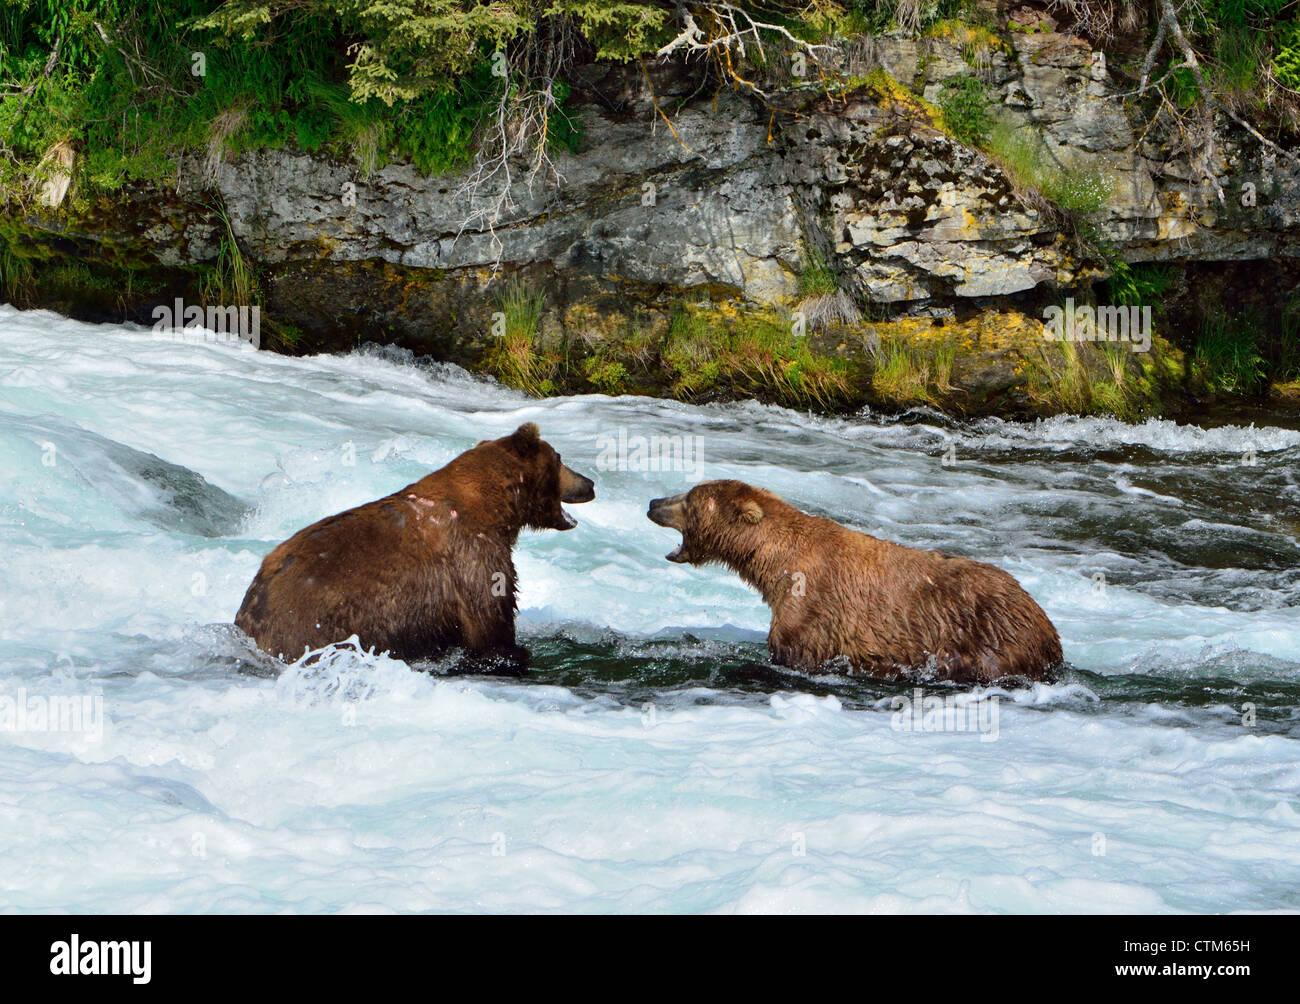 Dos osos pardos se enfrenten en el Brooks Falls. Parque Nacional Katmai y preservar. Alaska, EE.UU. Imagen De Stock